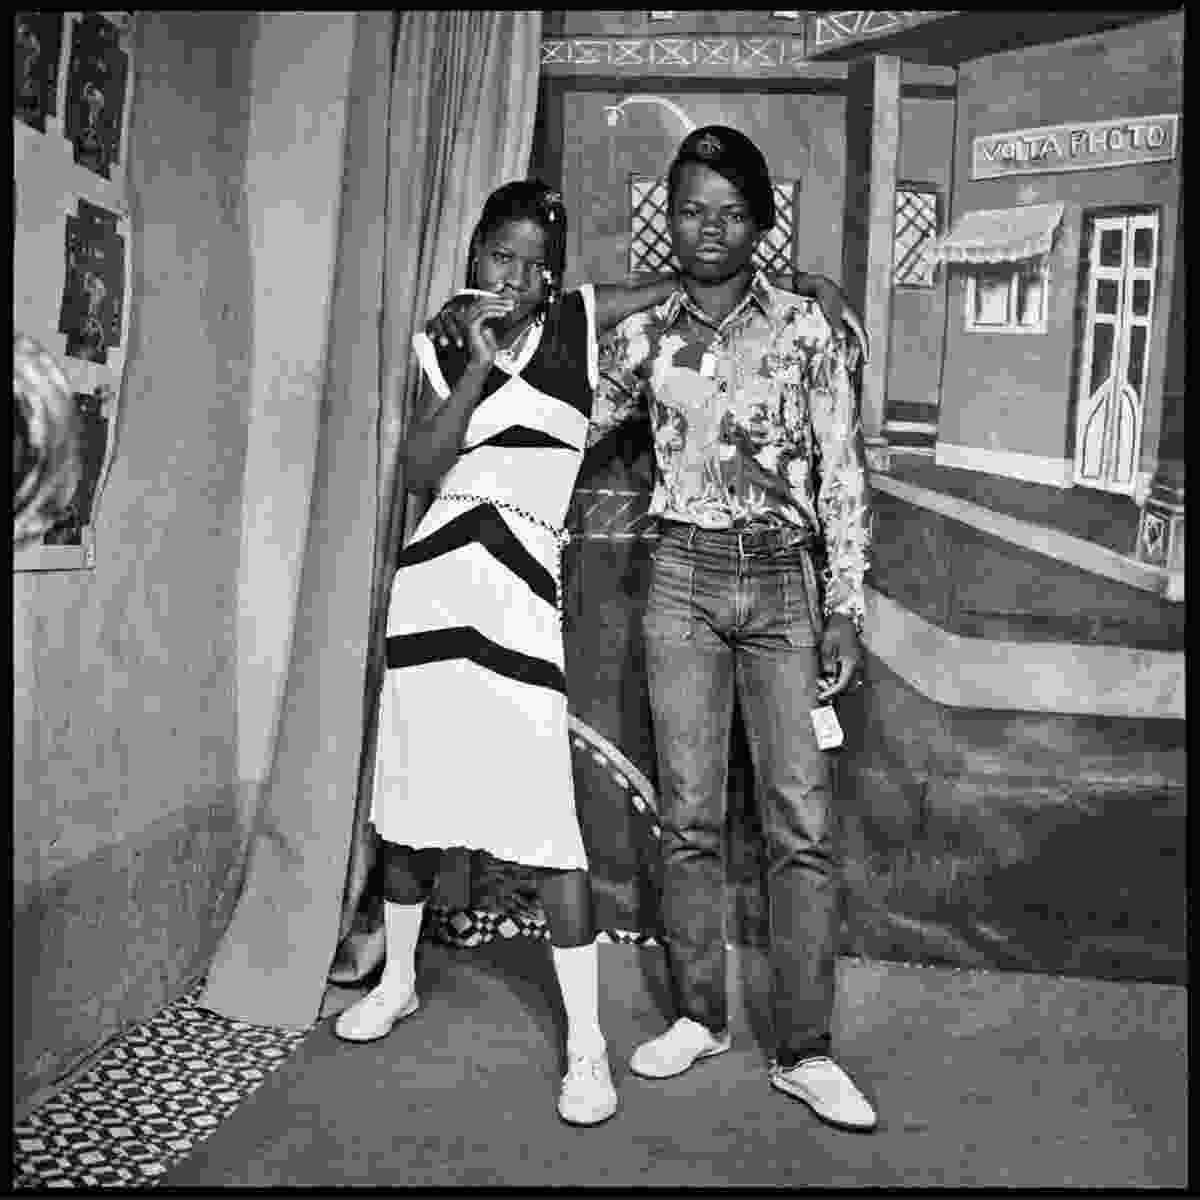 Les Amoureux Yougou Yougou, 1980 (Sory Sanlé)